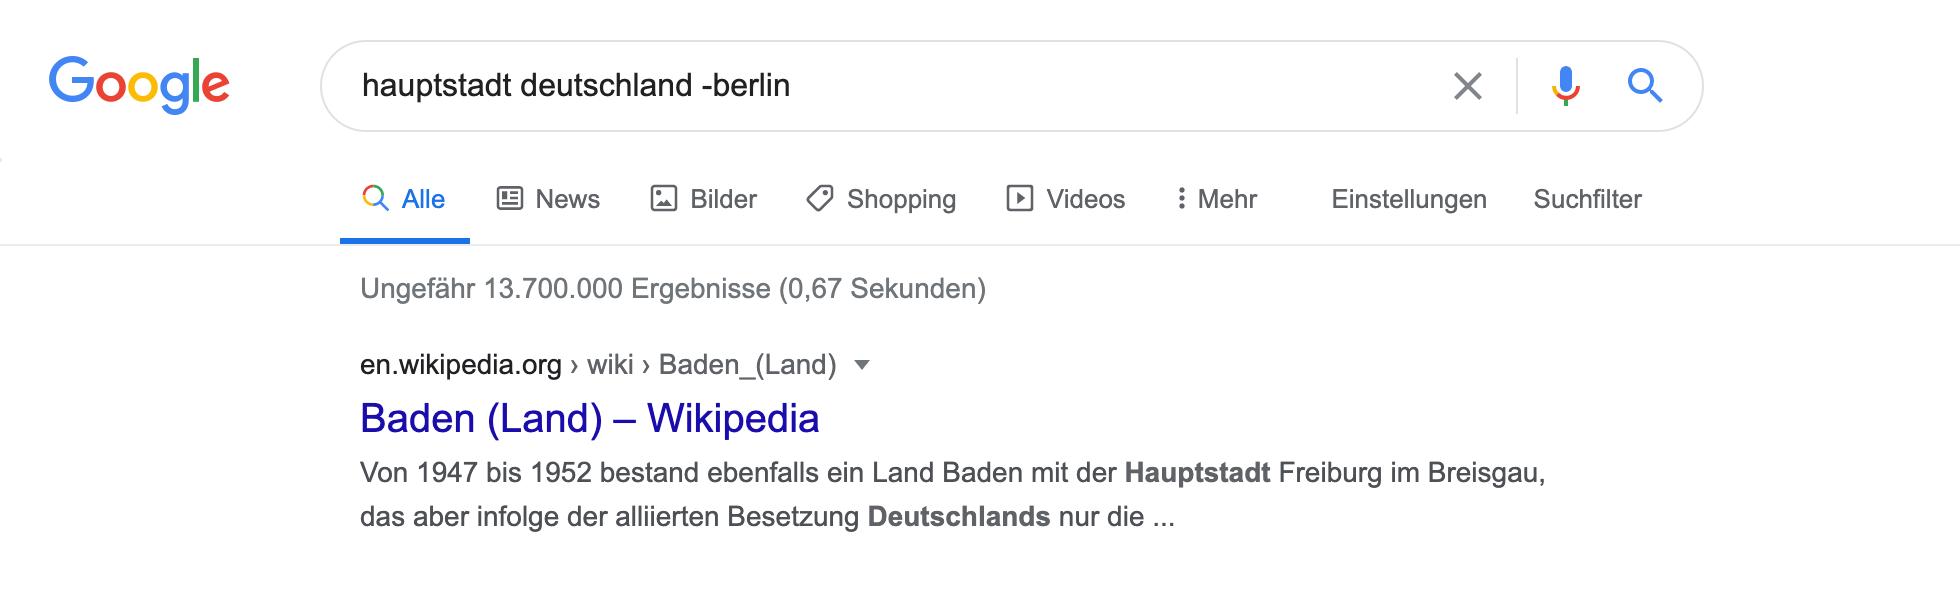 """Zeigt eine Beispiel-Google-Suchanfrage für das Keyword """"hauptstadt deutschland -berlin"""" an."""